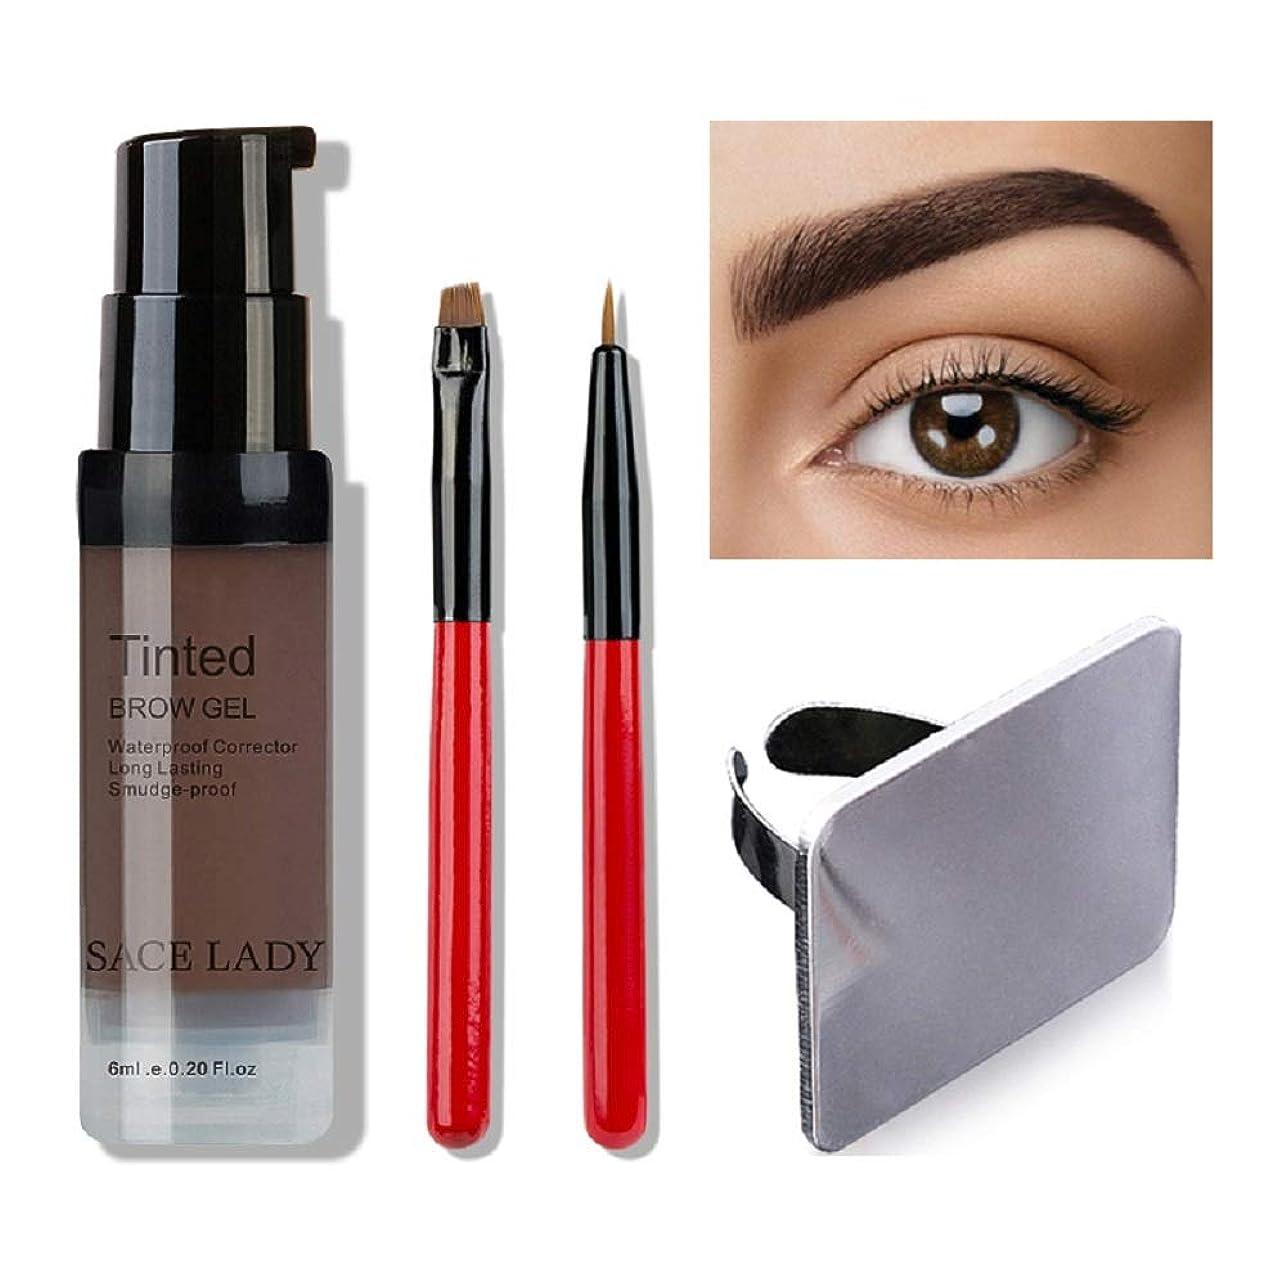 航空便育成ペチュランスWaterproof Eyebrow Shadow Henna Makeup Enhancer Tint Brush Kit Eye Brow Gel Cream Make Up Set Paint Tool Wax Cosmetic (Dark Brown) 防水眉毛シャドウヘナメイクアップエンハンサティントブラシキットアイブロジェルクリームメイクアップペイントツールワックス化粧品(ダークブラウン)